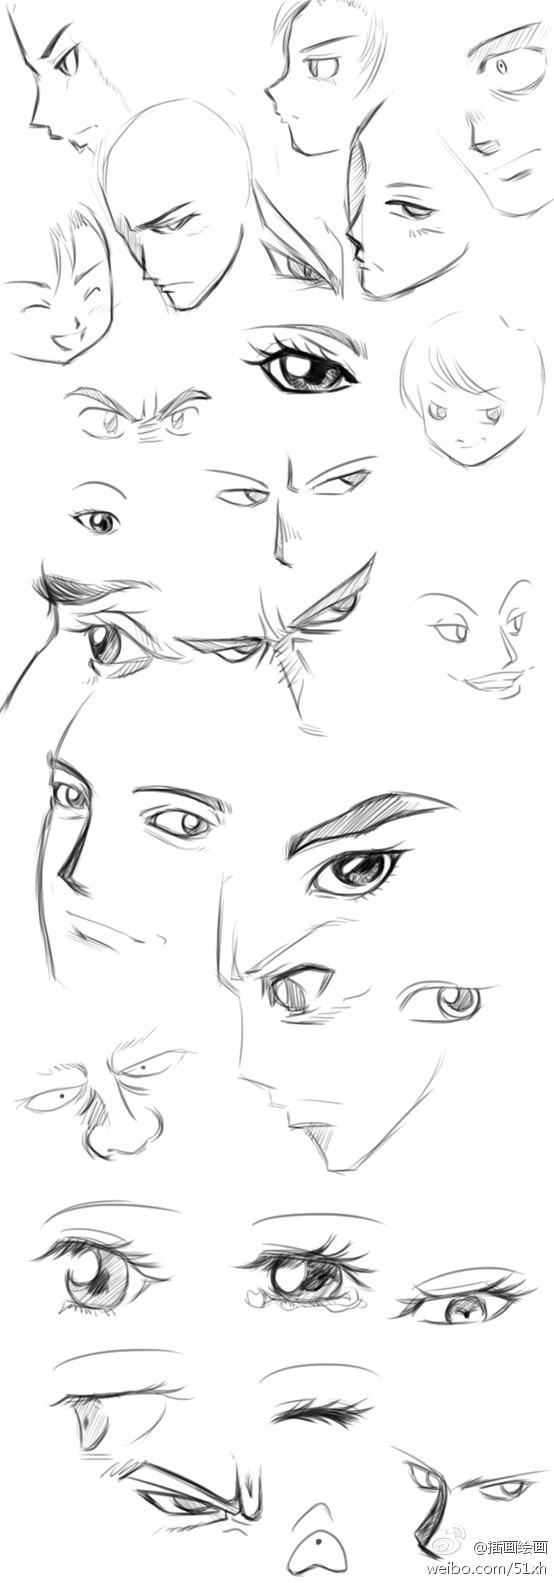 动漫人物眼睛和头发怎么画